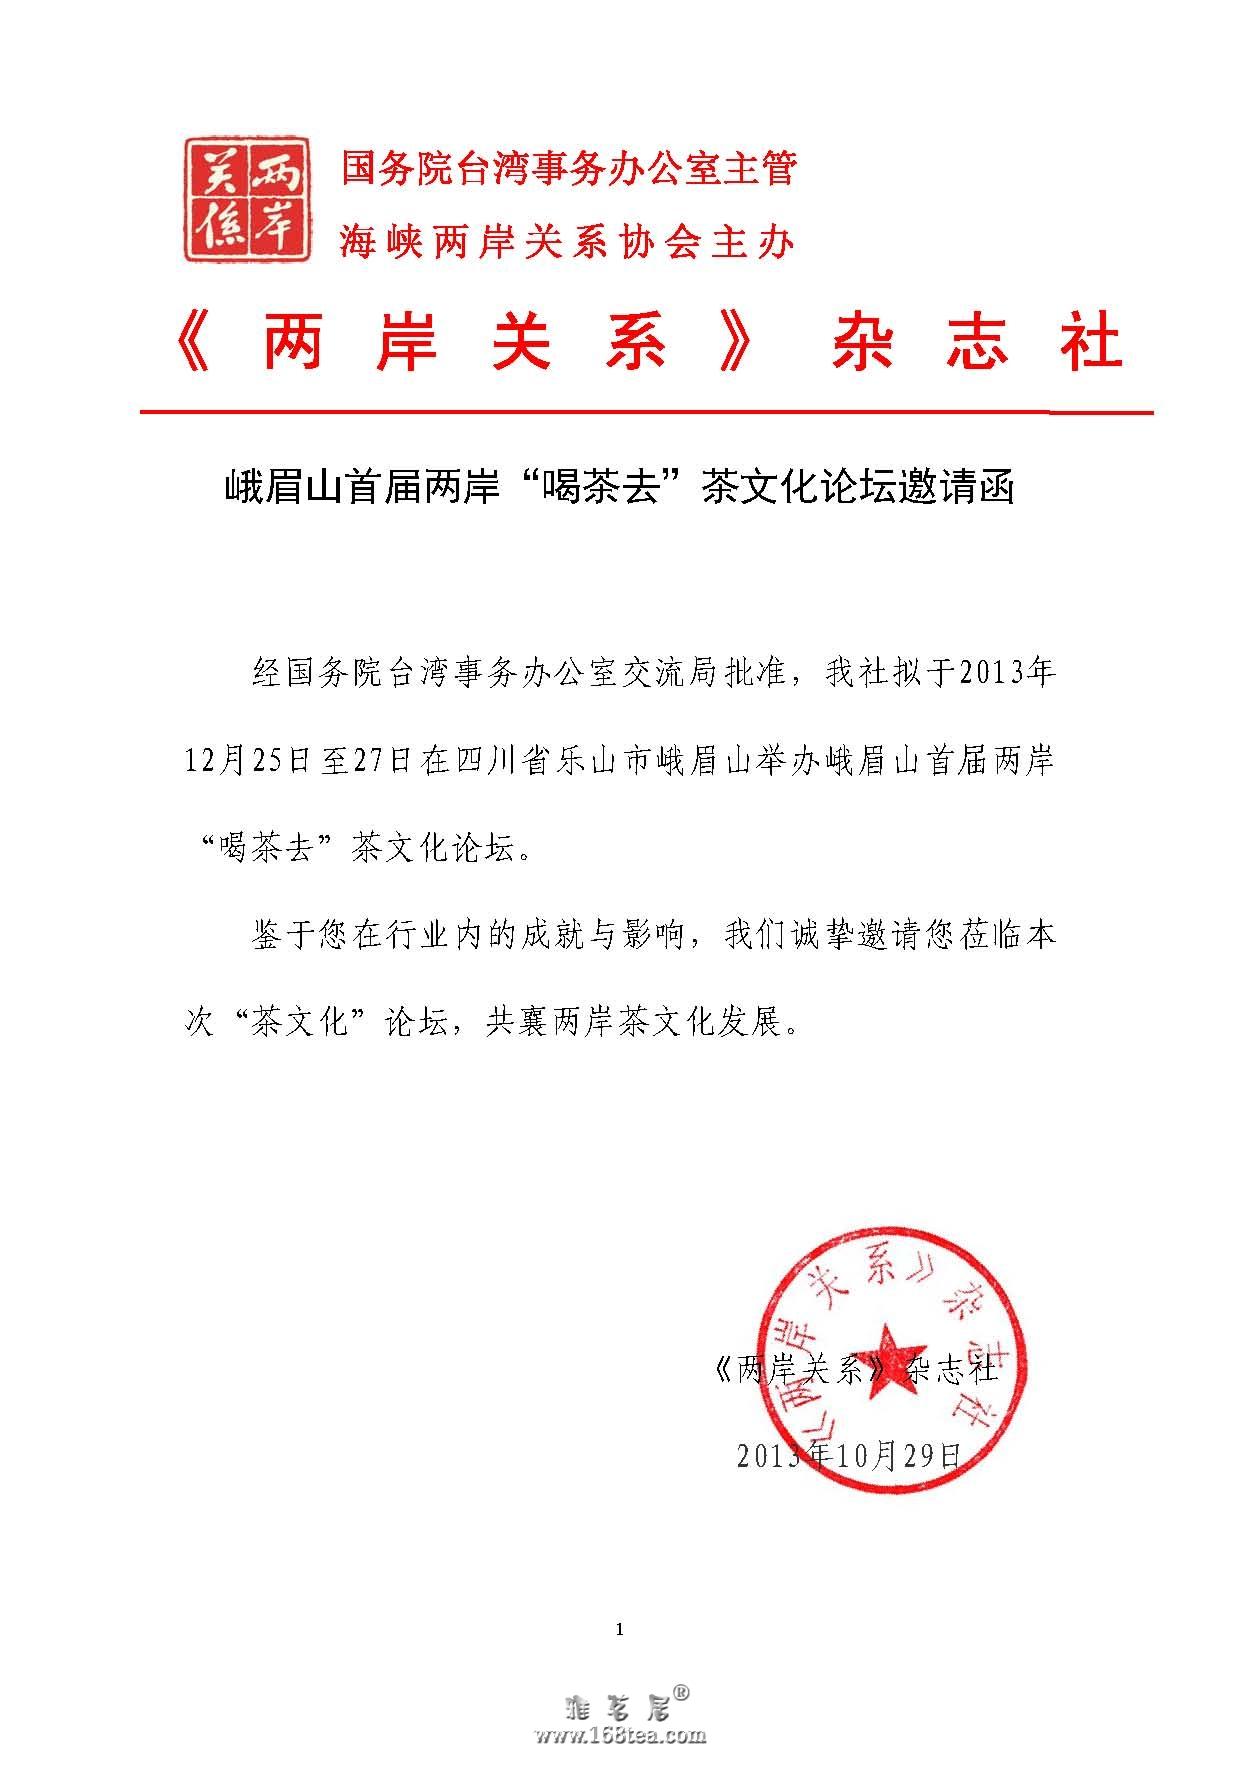 四川峨眉山首届两岸茶文化论坛